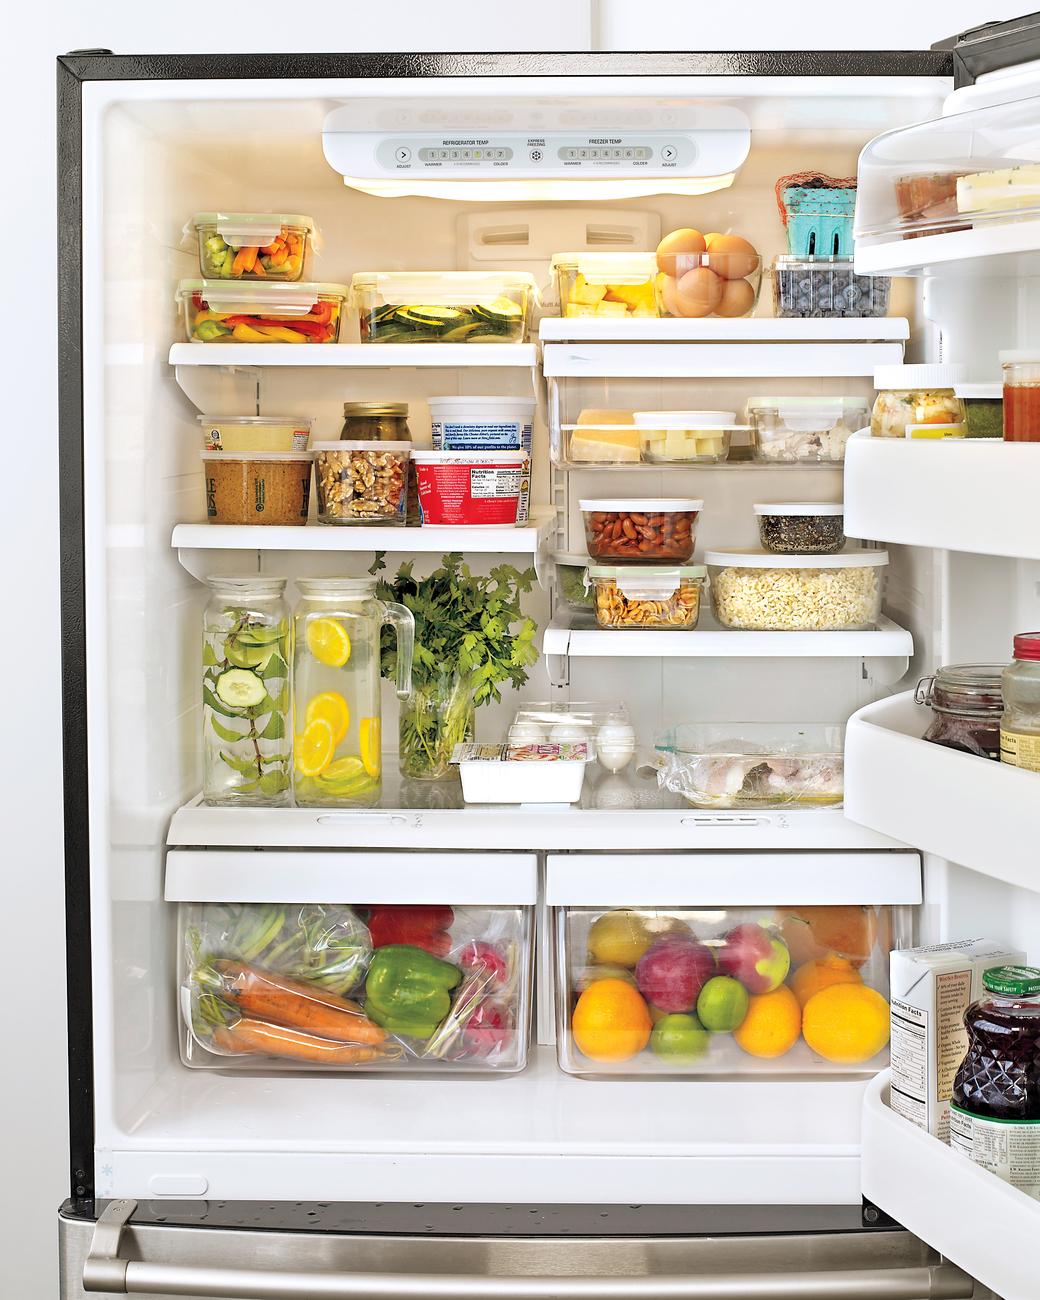 21. Những thực phẩm không nên bảo quản trong tủ lạnh6